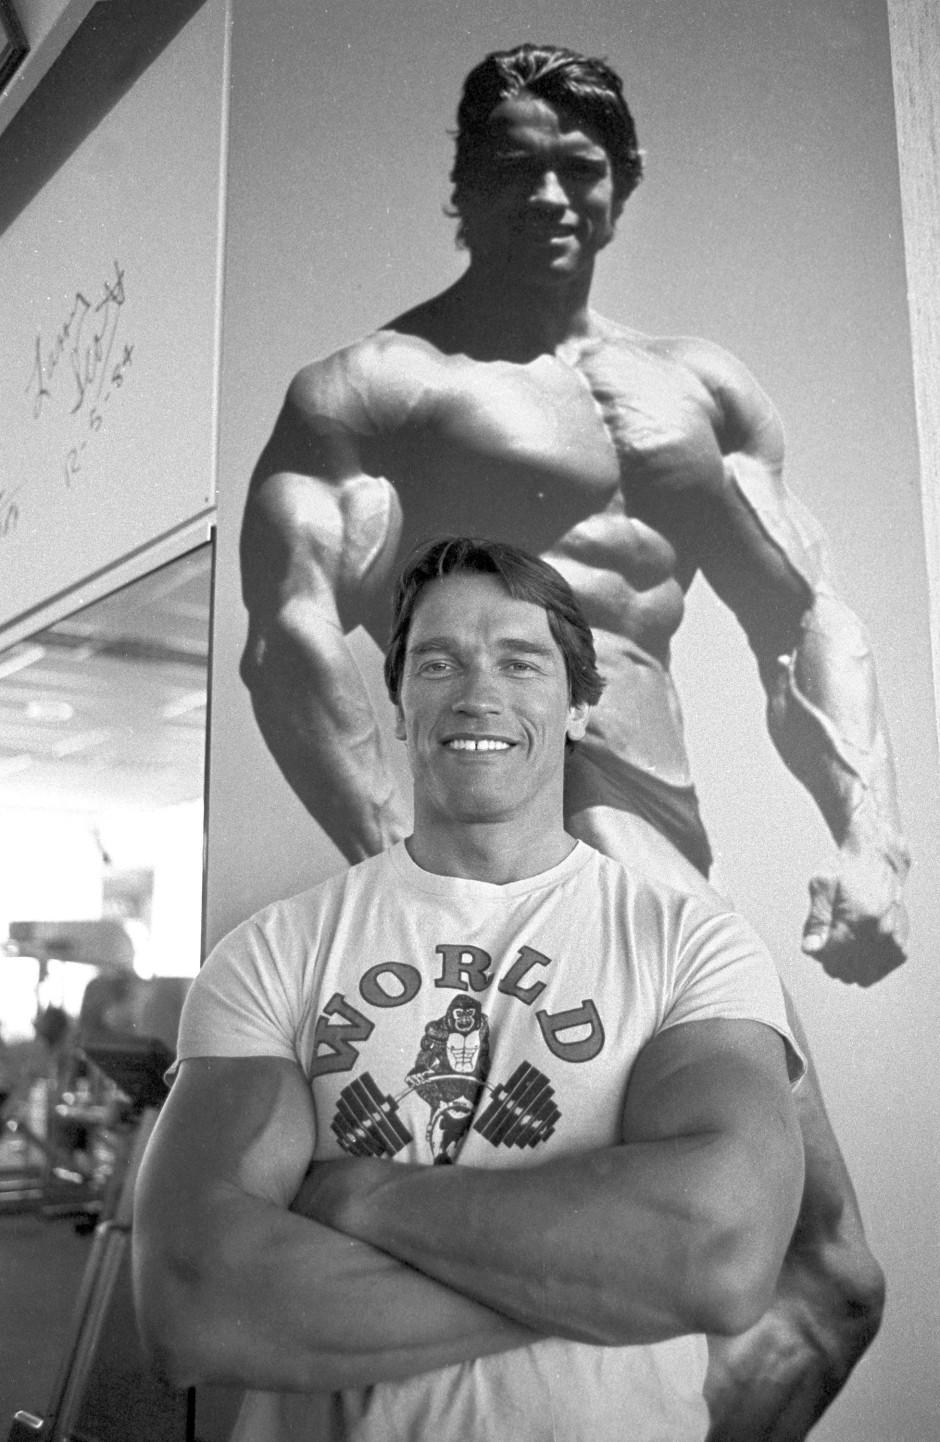 Doppelter Arnie: Schwarzenegger 1985 in München vor einem Poster, das ihn als Bodybuilder zeigt